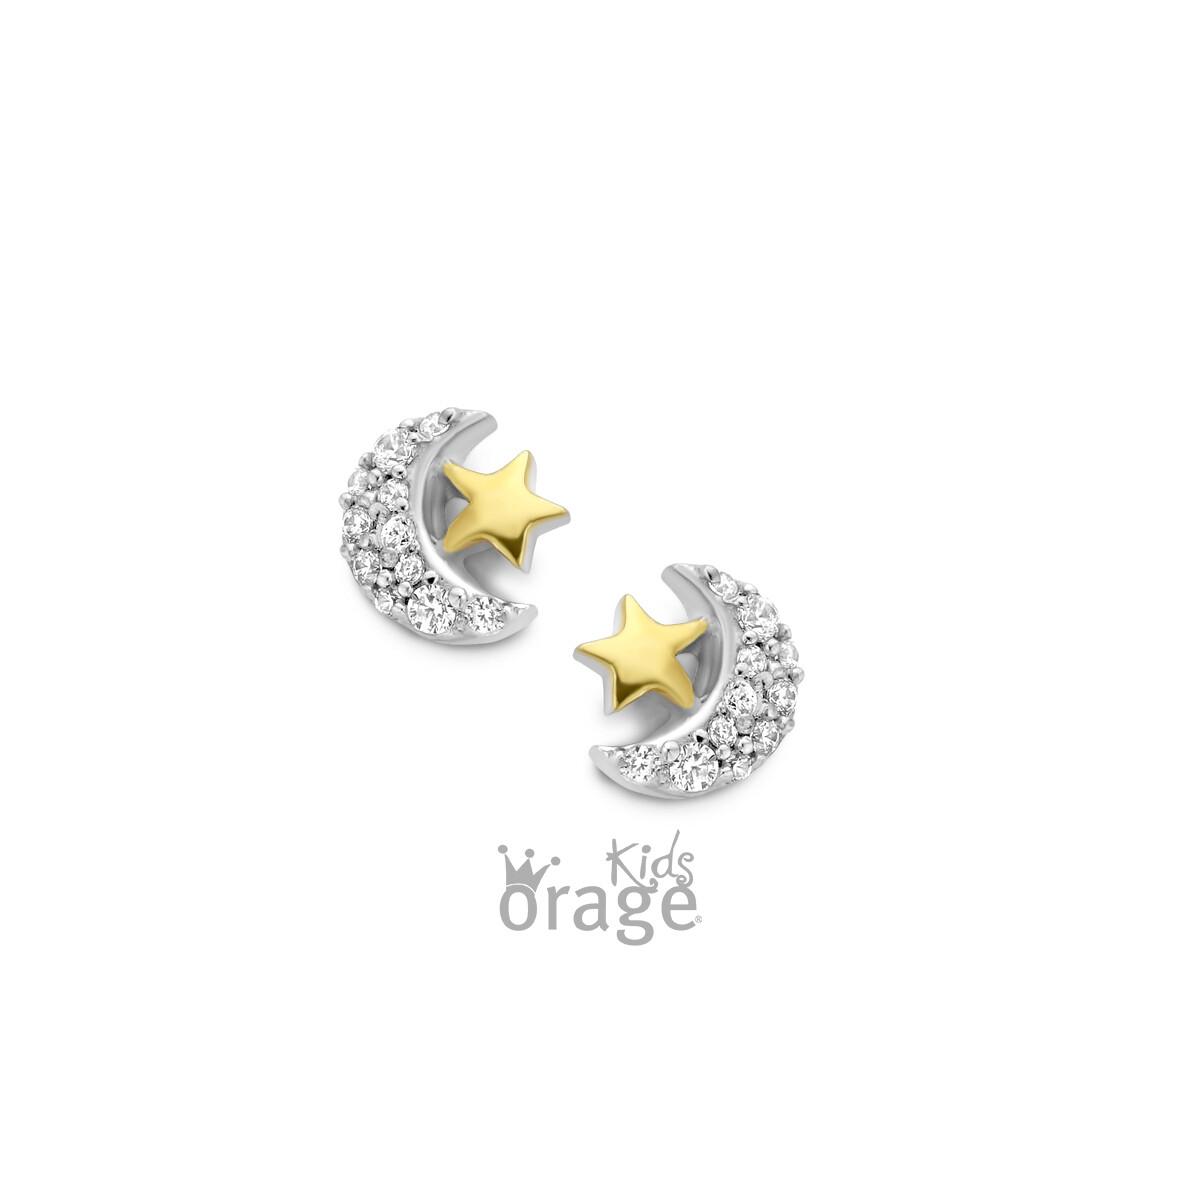 Boucles d'oreilles Orage Kids K1828